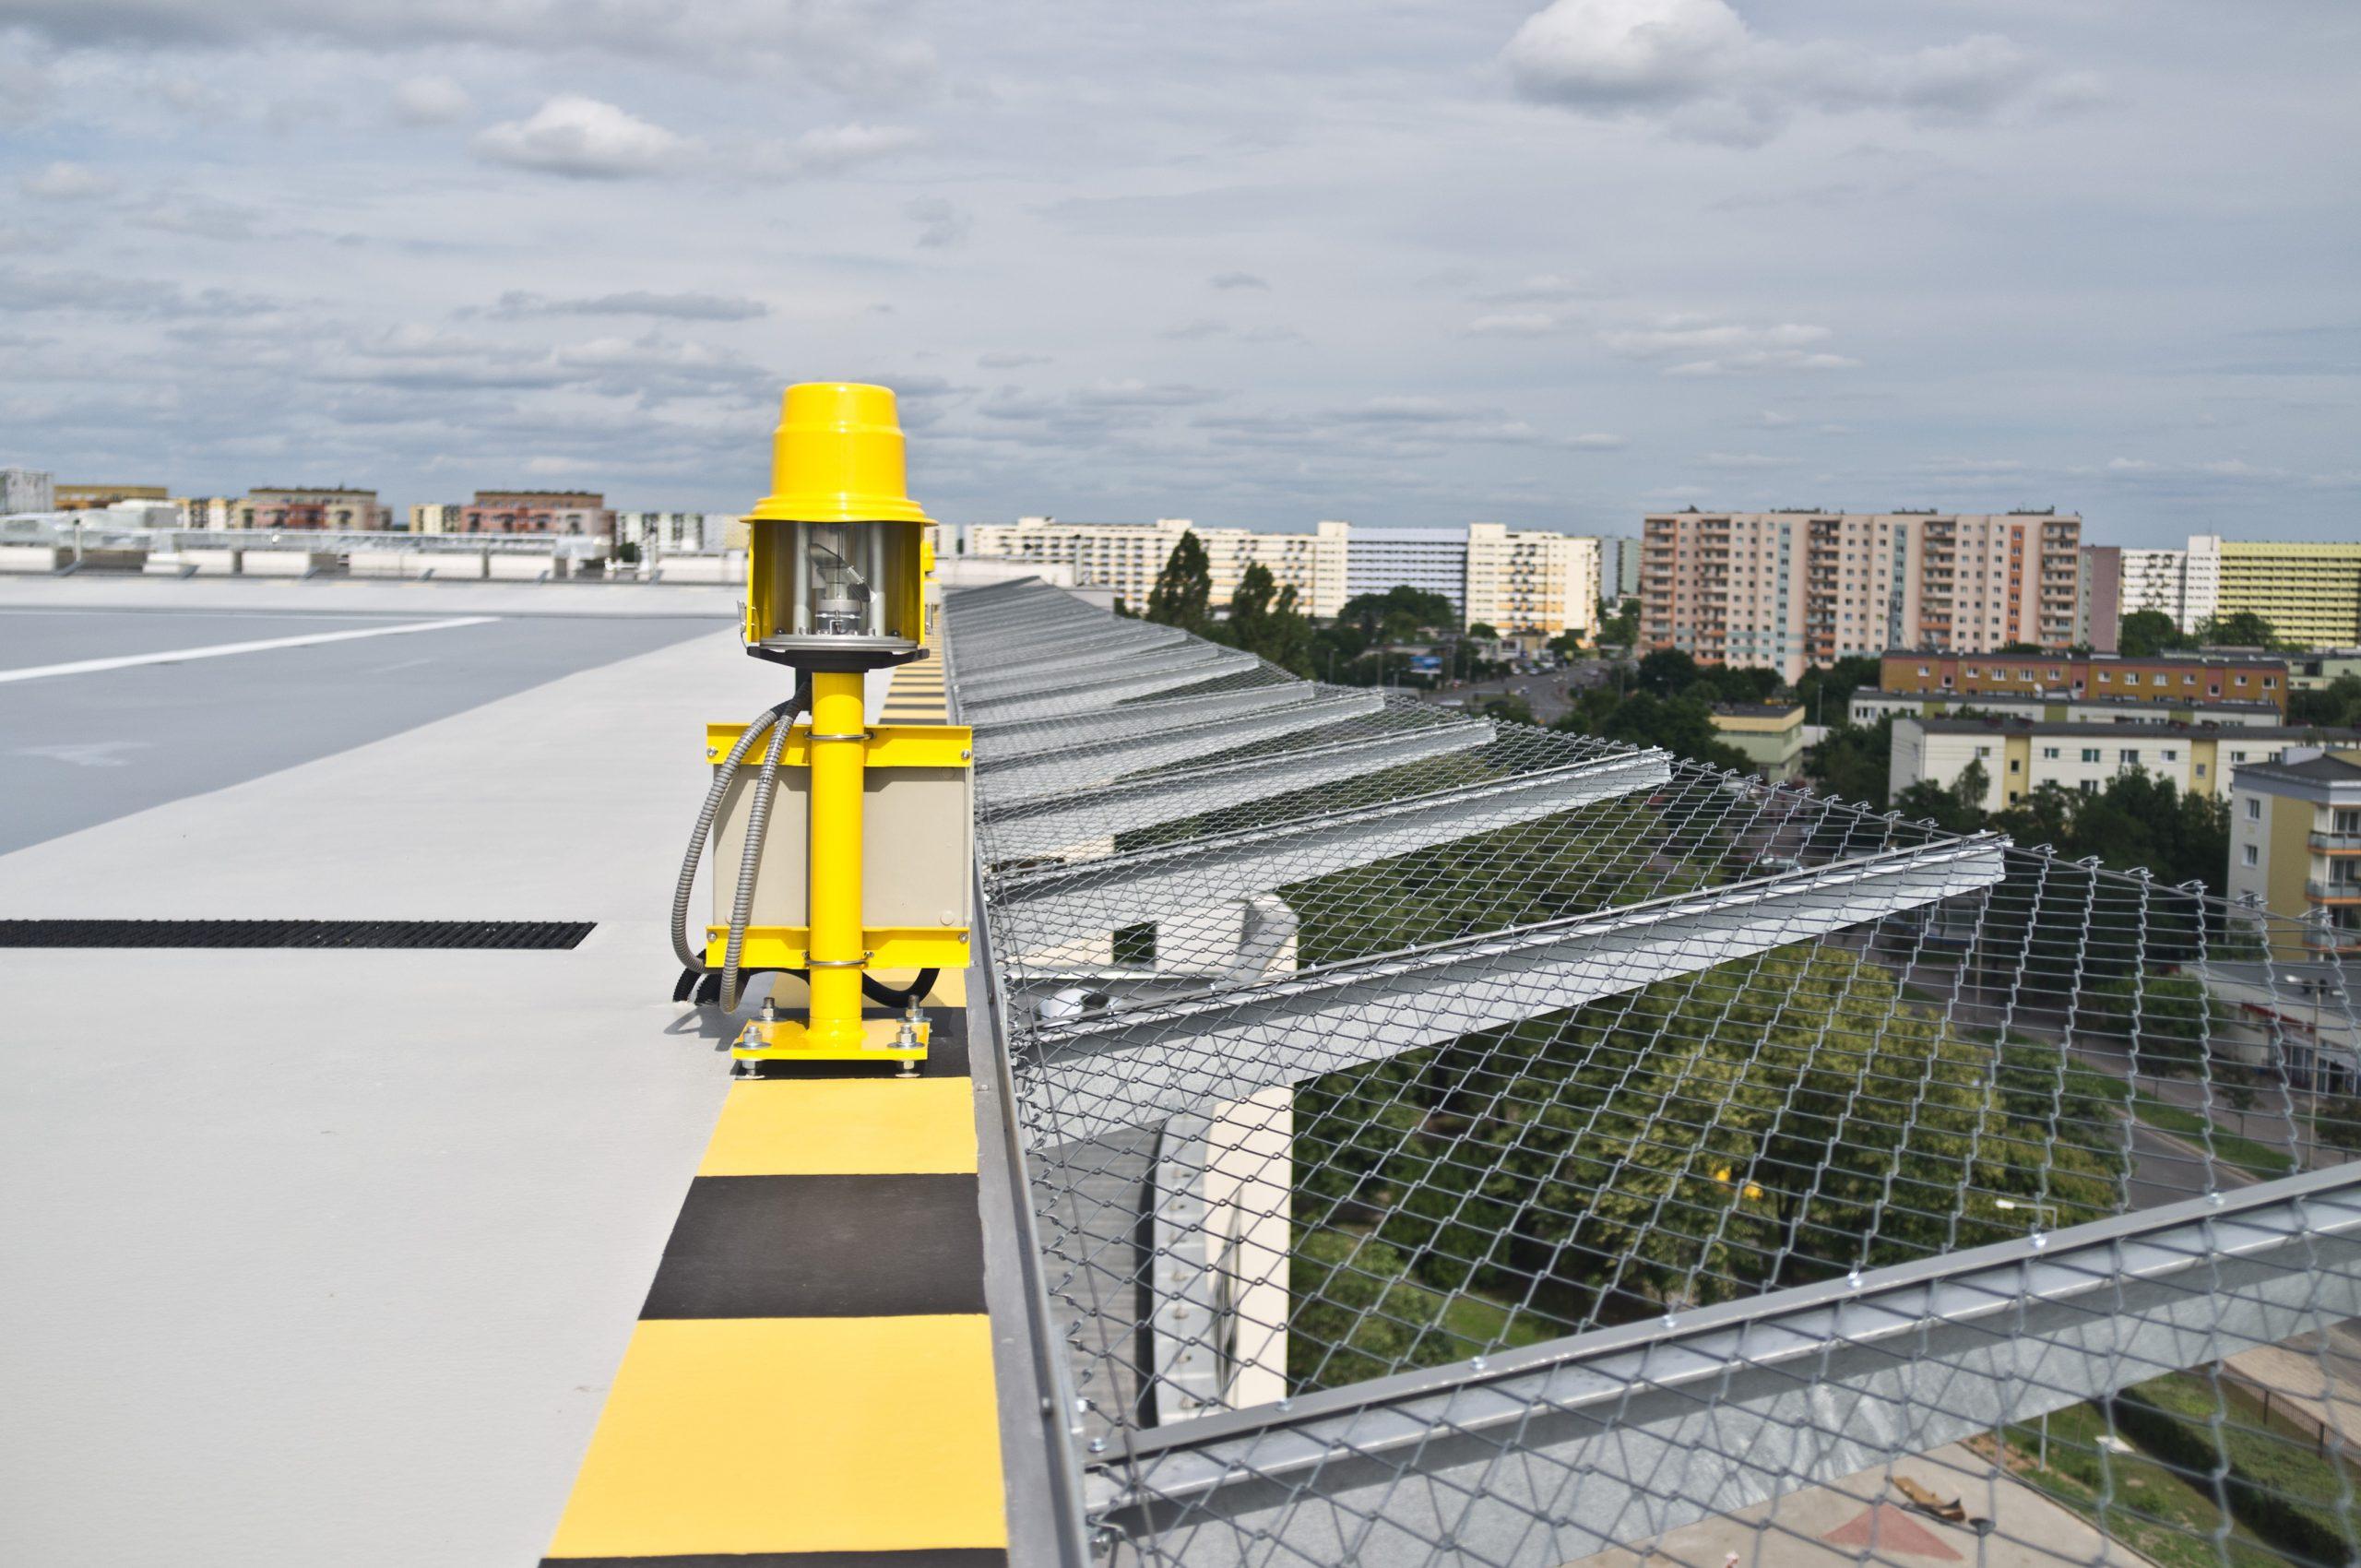 2012-06-20_Bydgoszcz_Geobrugg_helipad-8